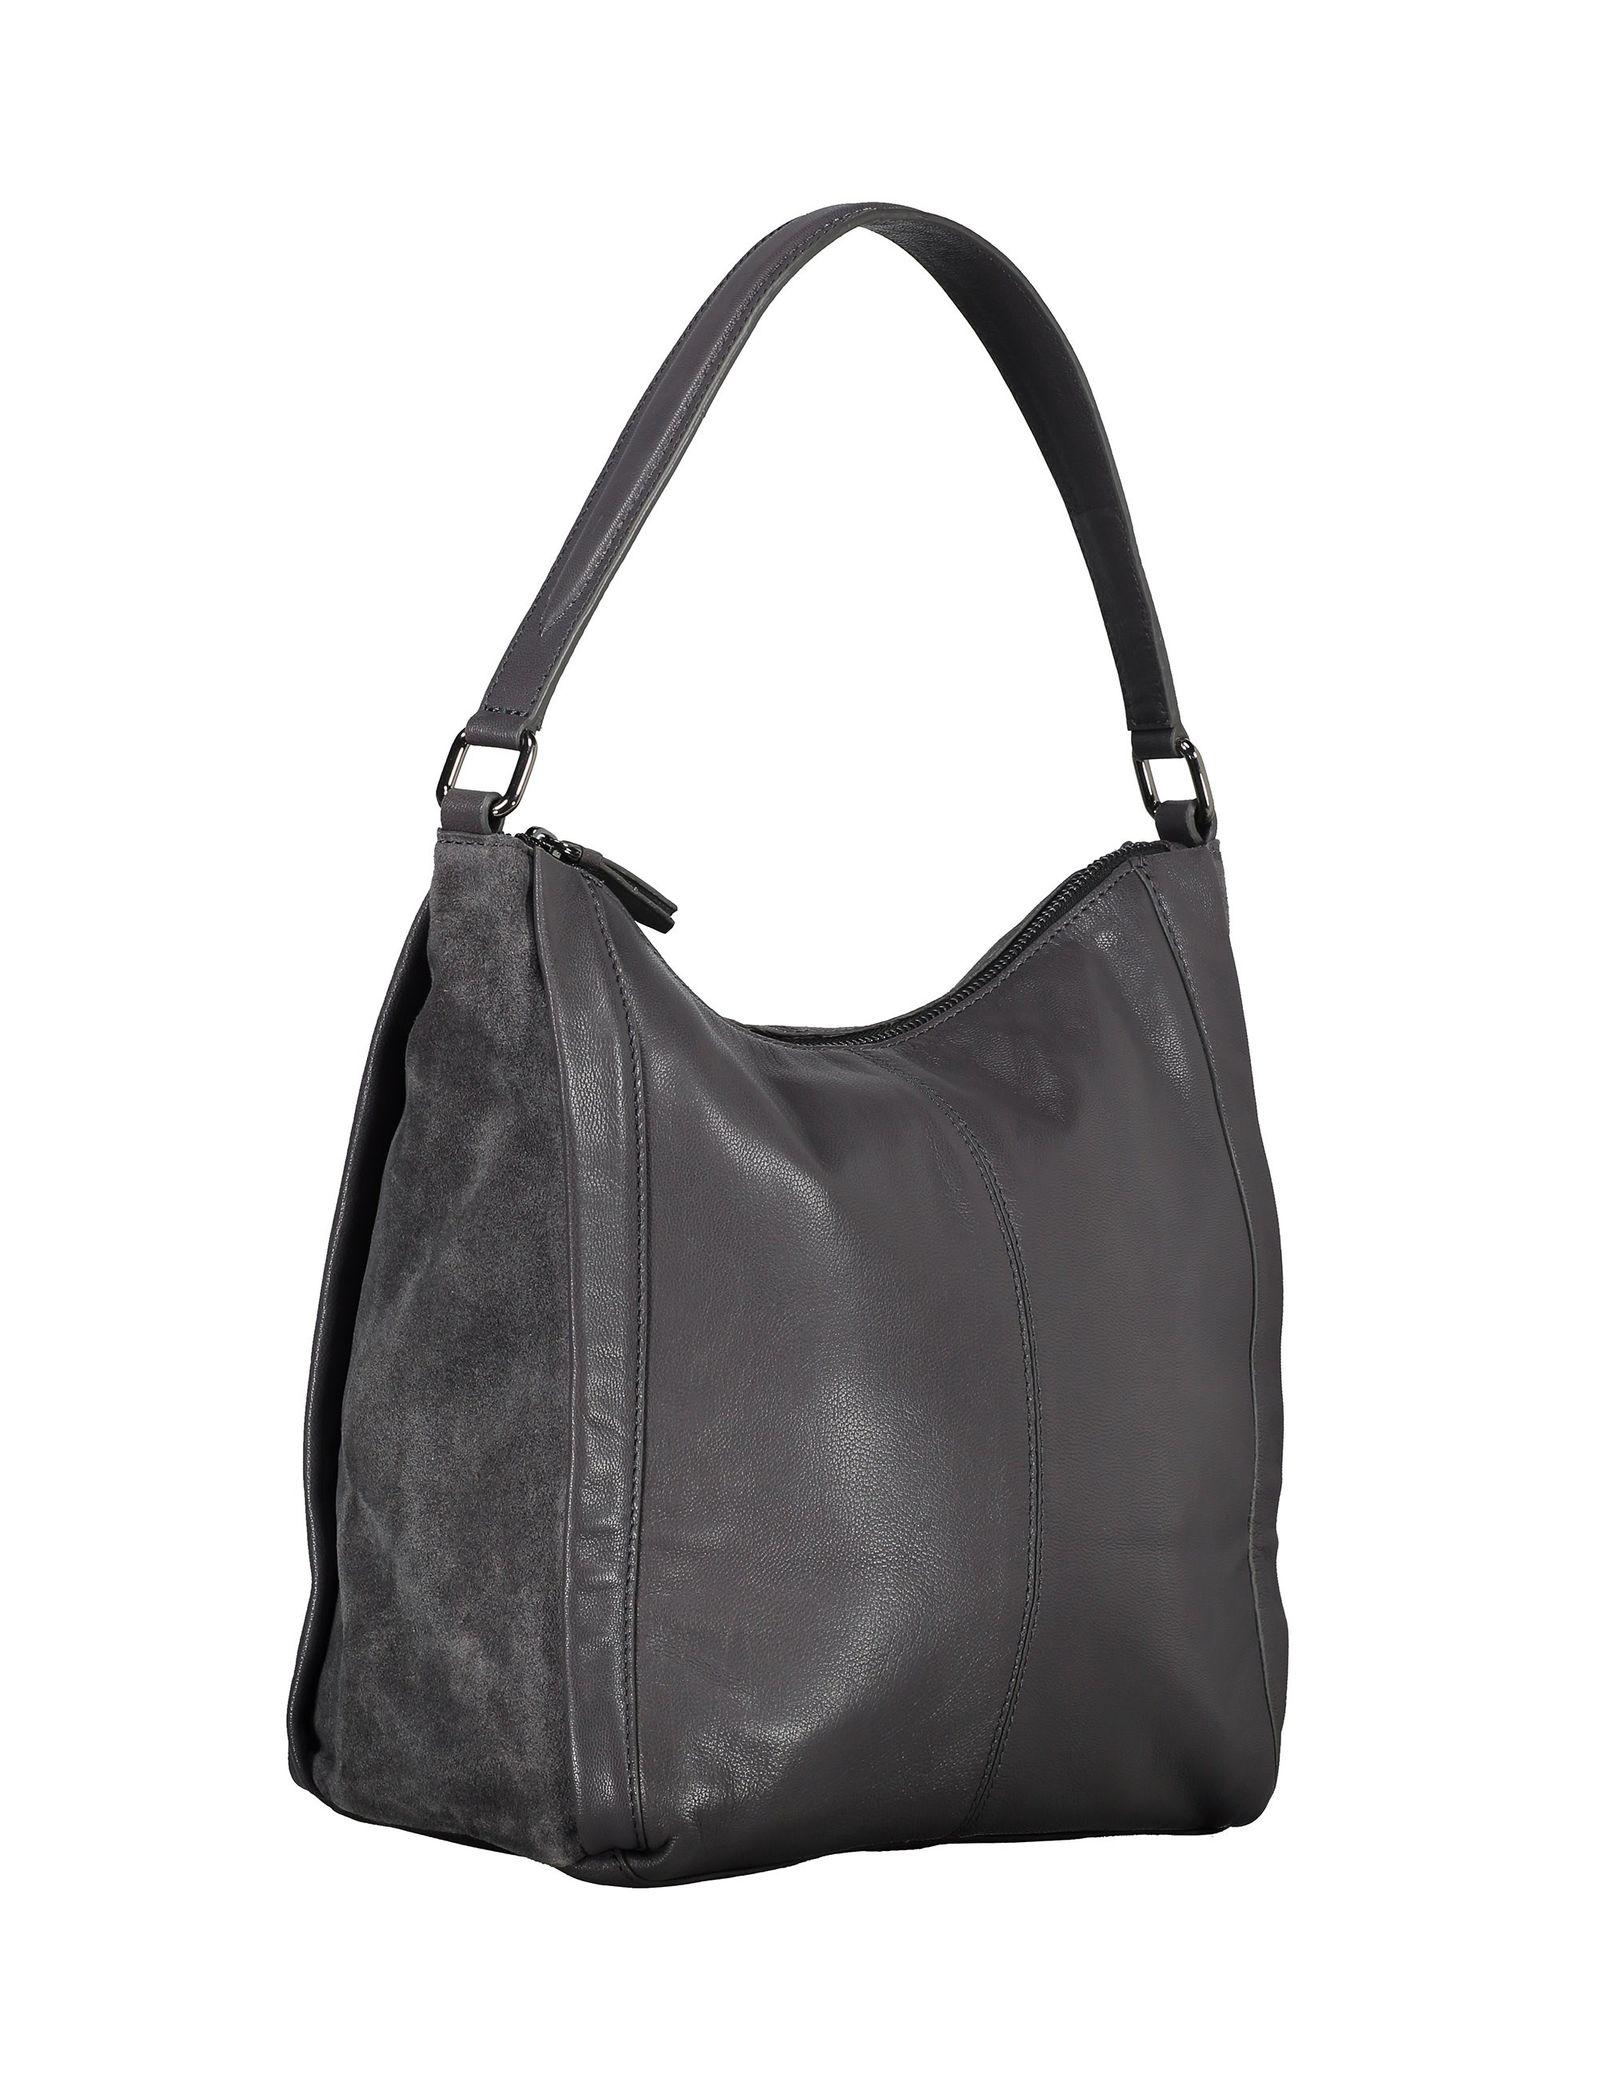 کیف دوشی چرم زنانه - باتا - قهوه اي مايل به طوسي - 3